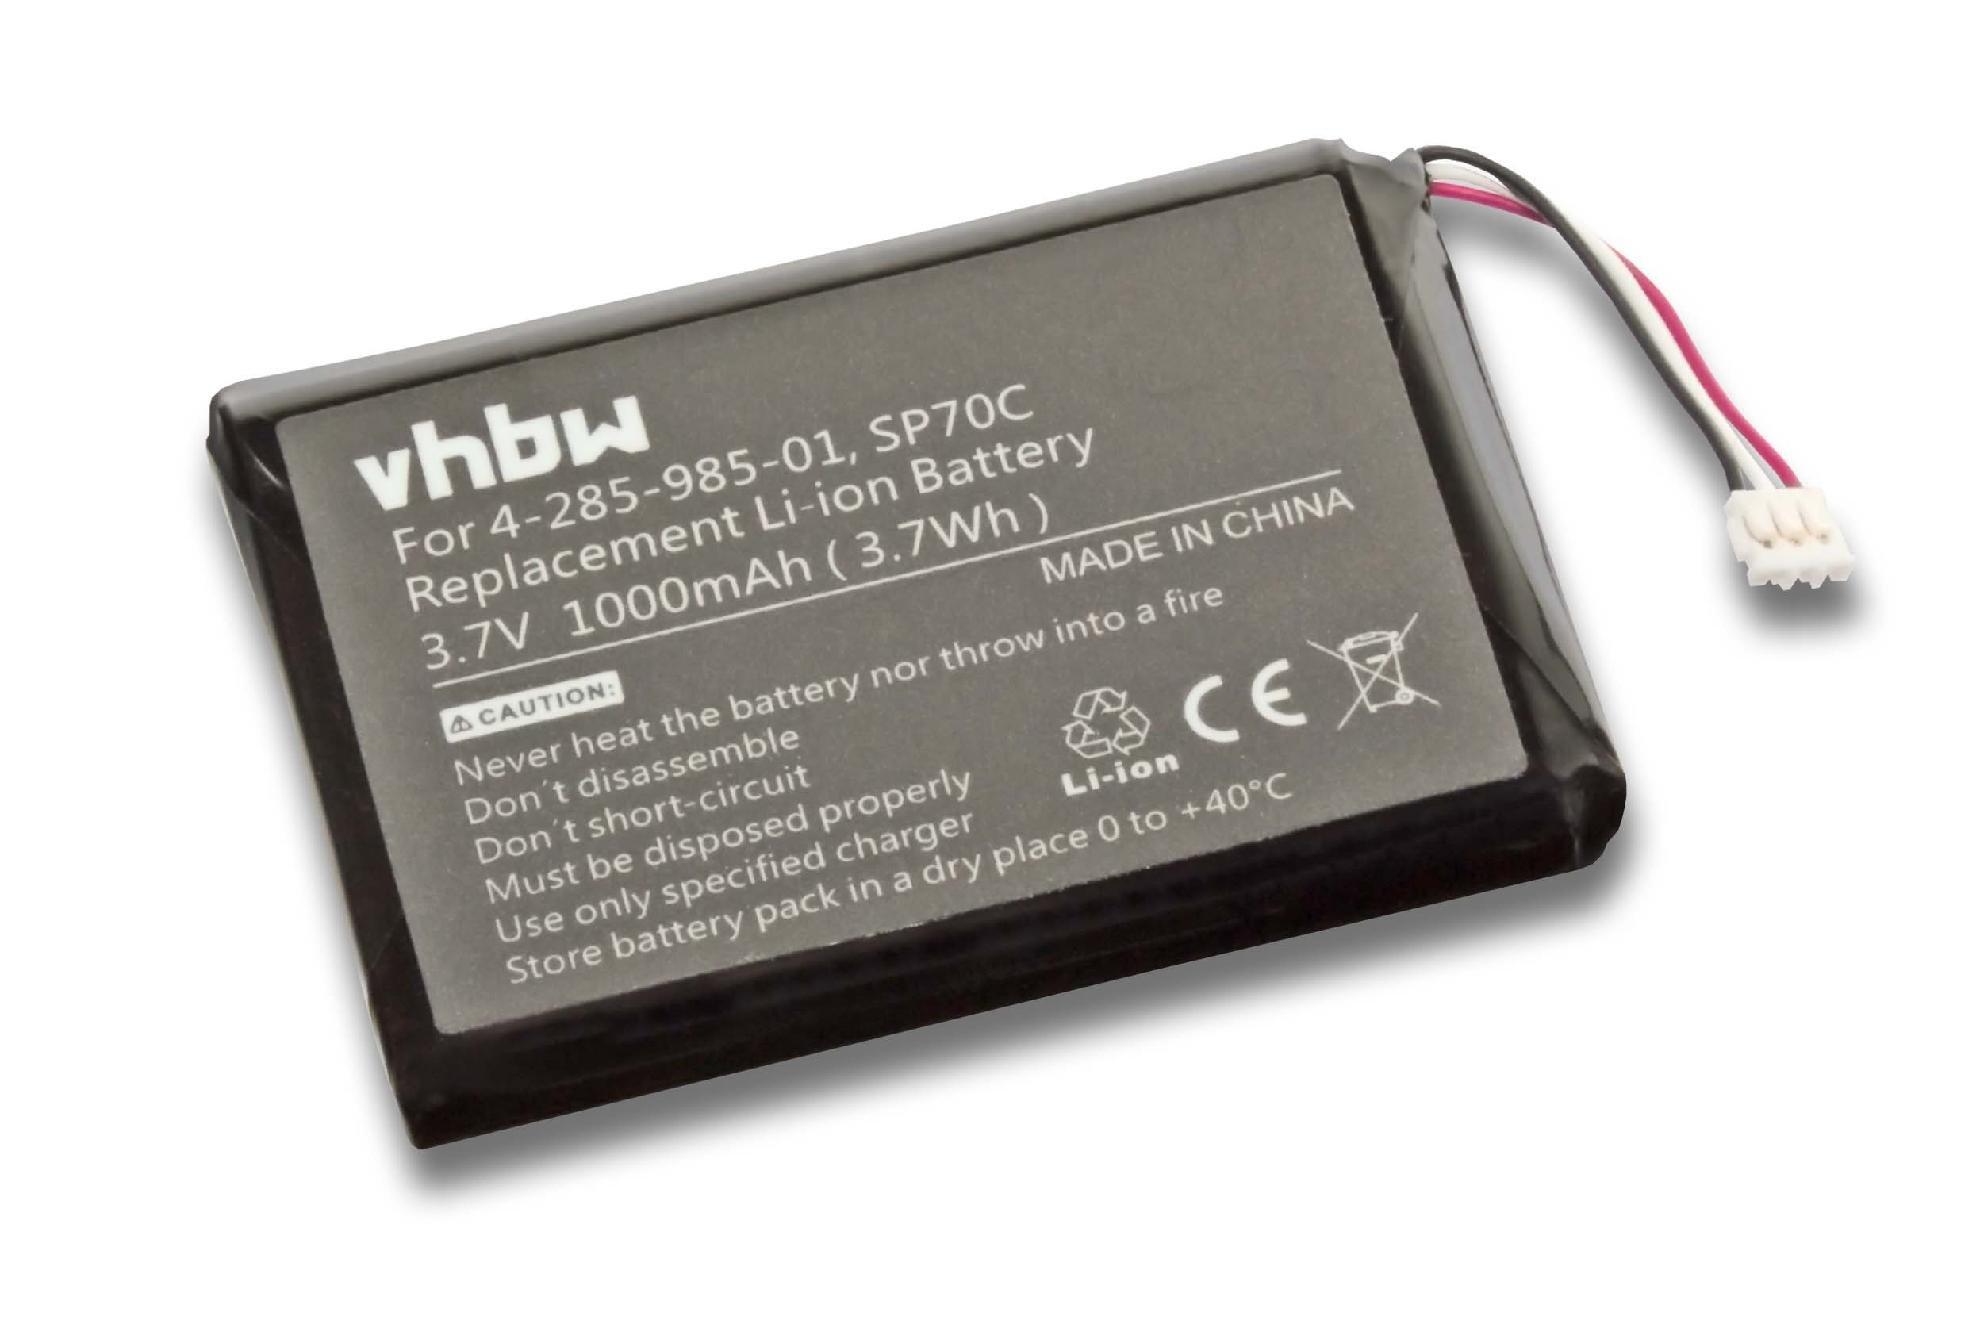 Batería vhbw 1000mAh (3.7V) para consola Sony Playstation Portable PSP Street E1000, E1002, E1003, E1004, E1008 sustituye 4-285-985-01, SP70C: Amazon.es: Videojuegos